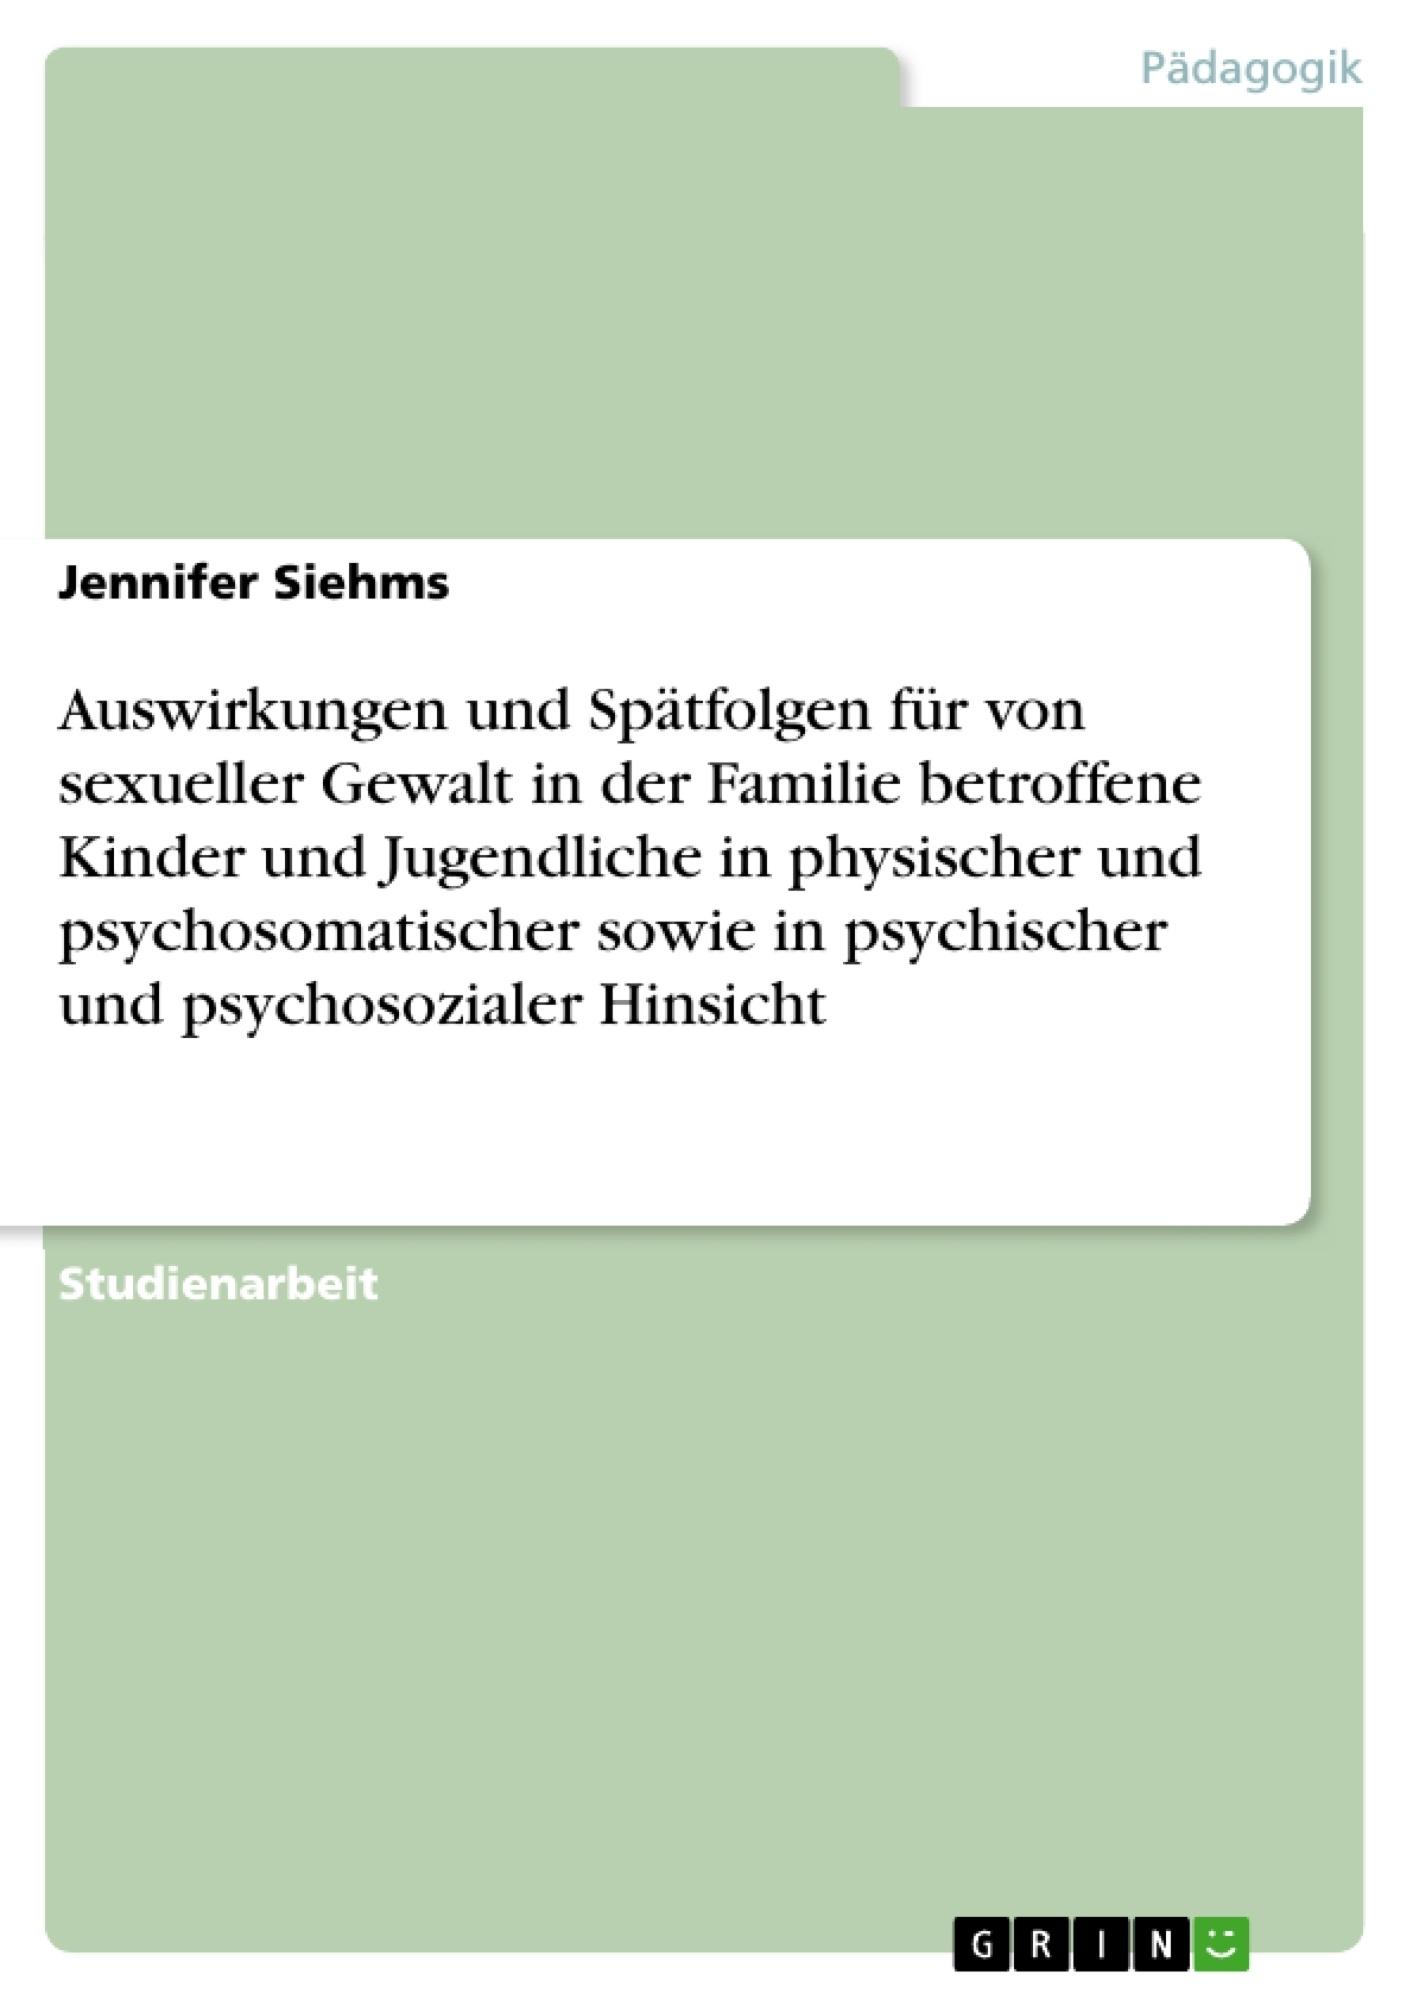 Titel: Auswirkungen und Spätfolgen für von sexueller Gewalt in der Familie betroffene Kinder und Jugendliche in physischer und psychosomatischer sowie in psychischer und psychosozialer Hinsicht